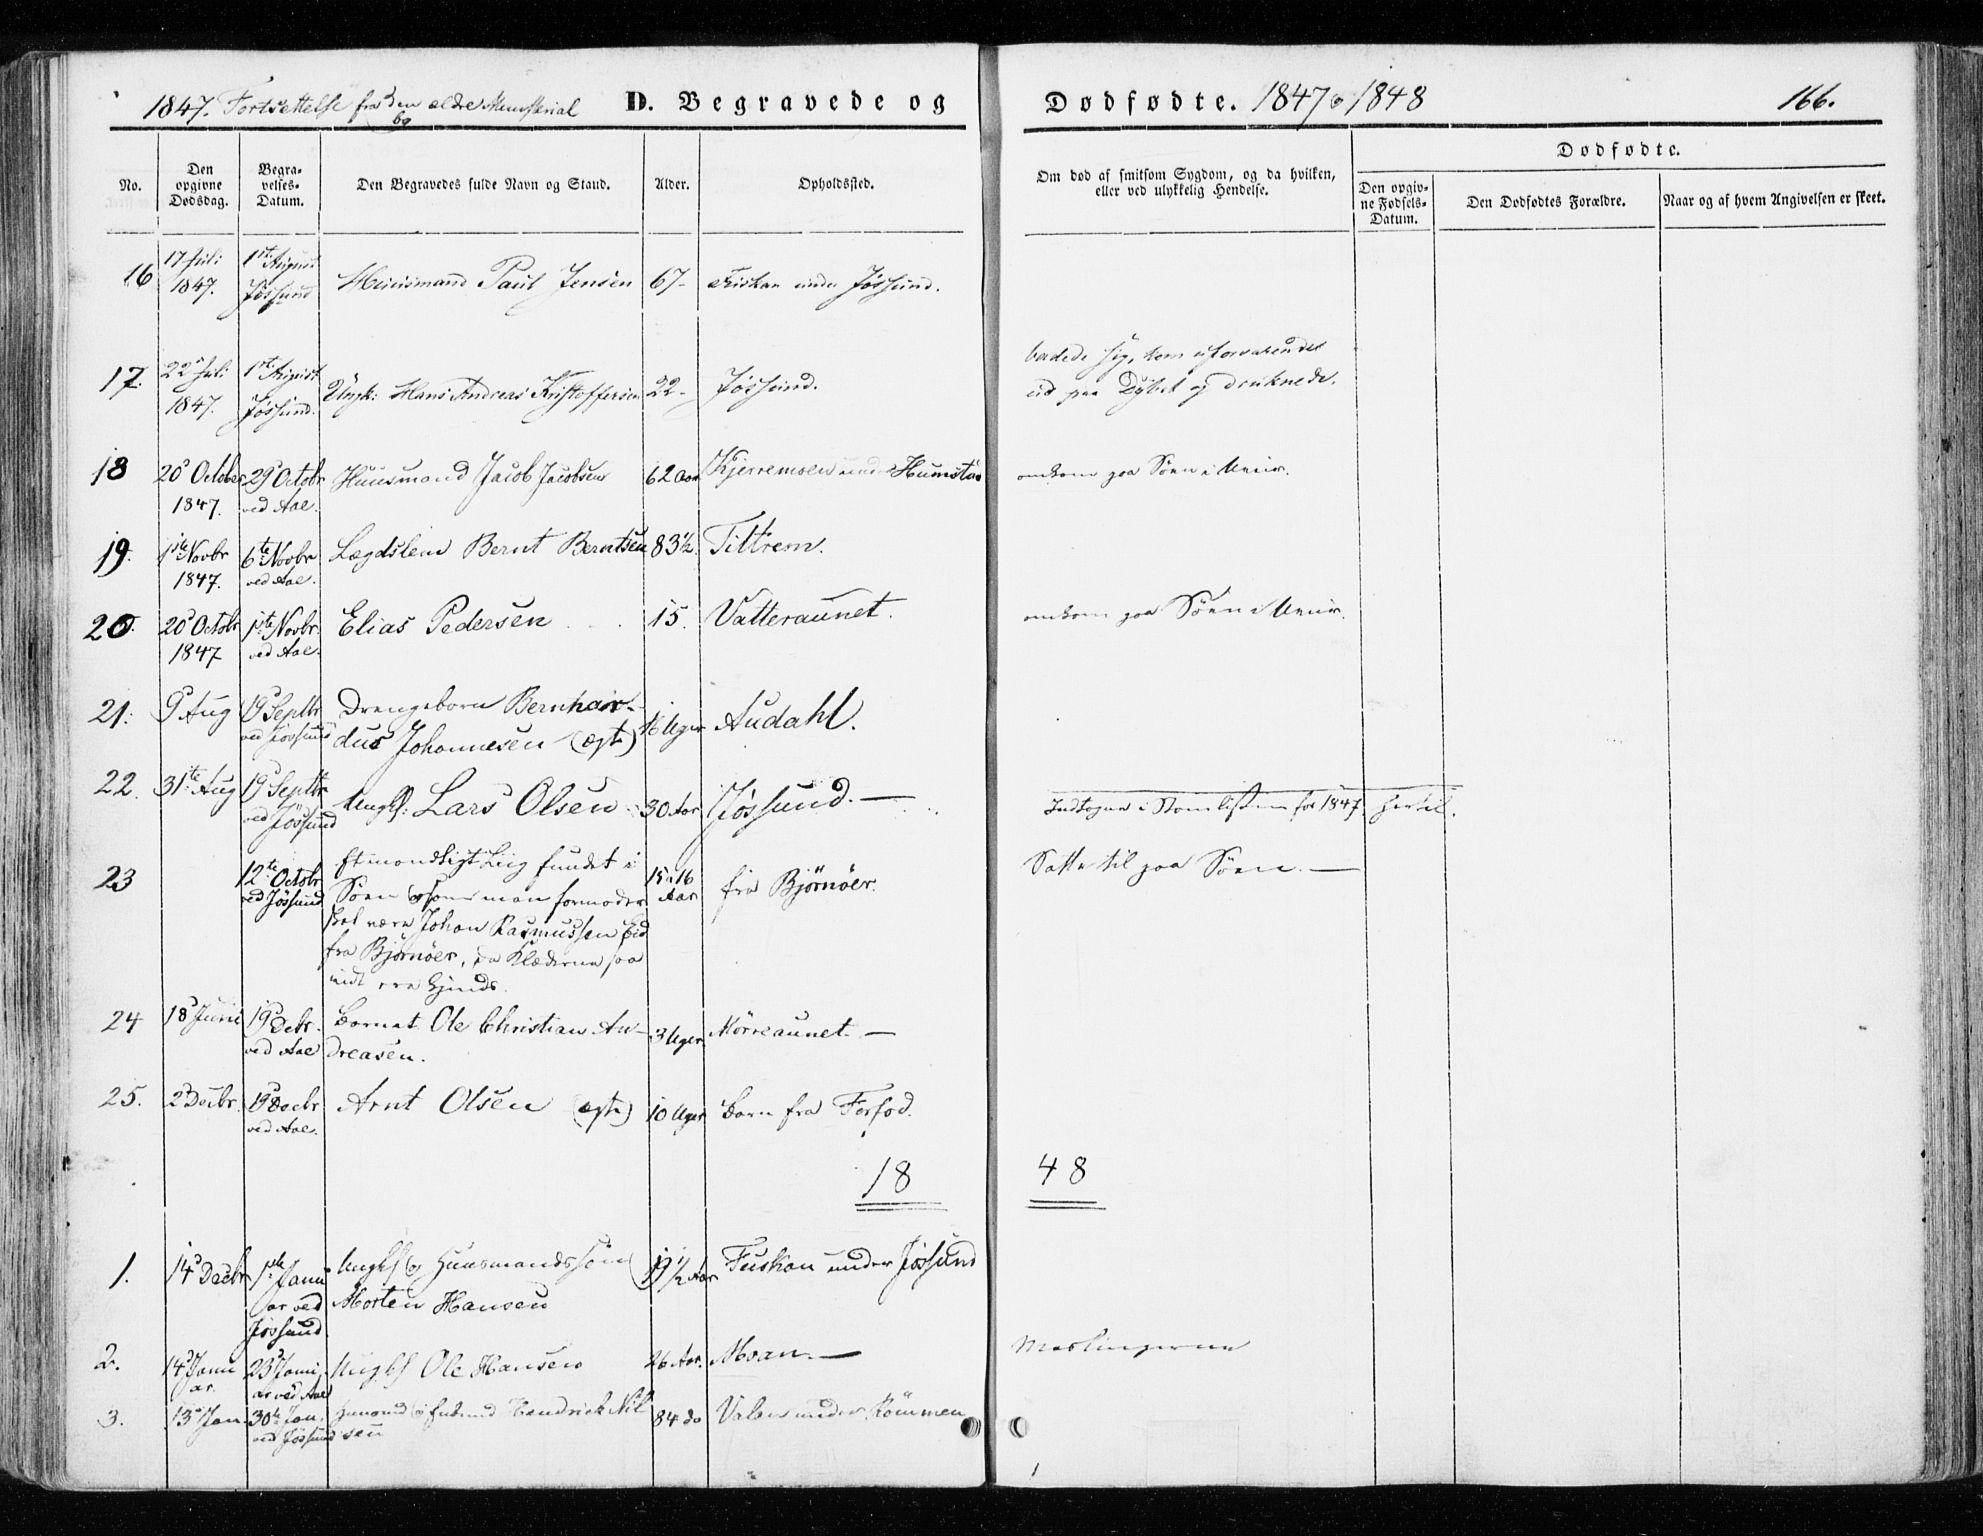 SAT, Ministerialprotokoller, klokkerbøker og fødselsregistre - Sør-Trøndelag, 655/L0677: Ministerialbok nr. 655A06, 1847-1860, s. 166